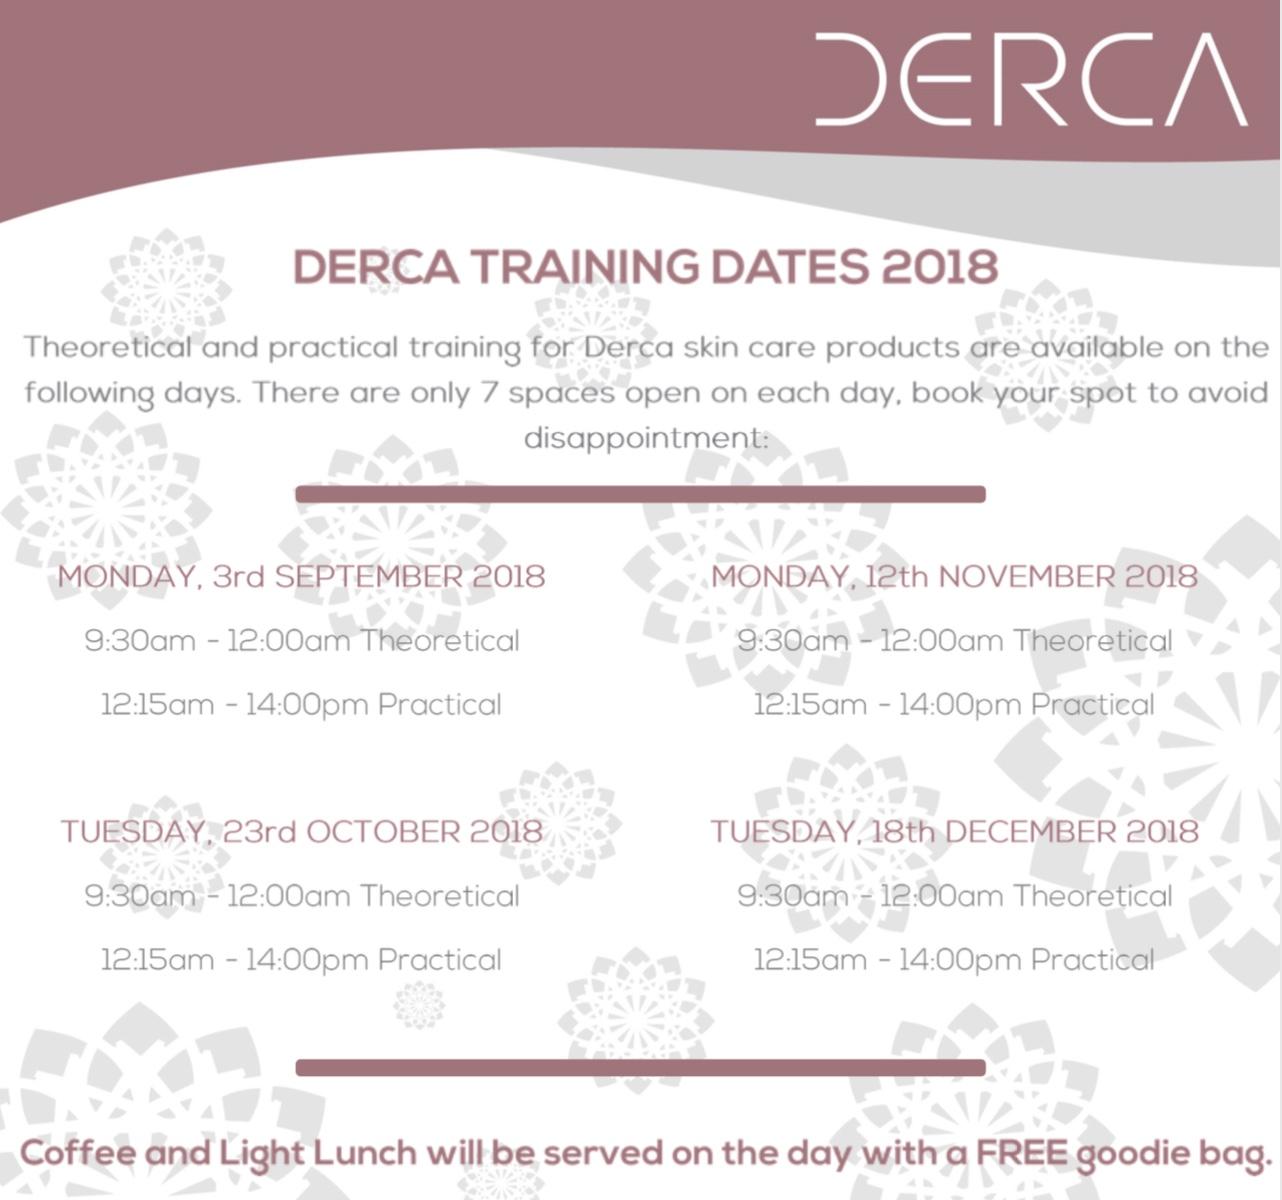 Derca Training Dates 2018